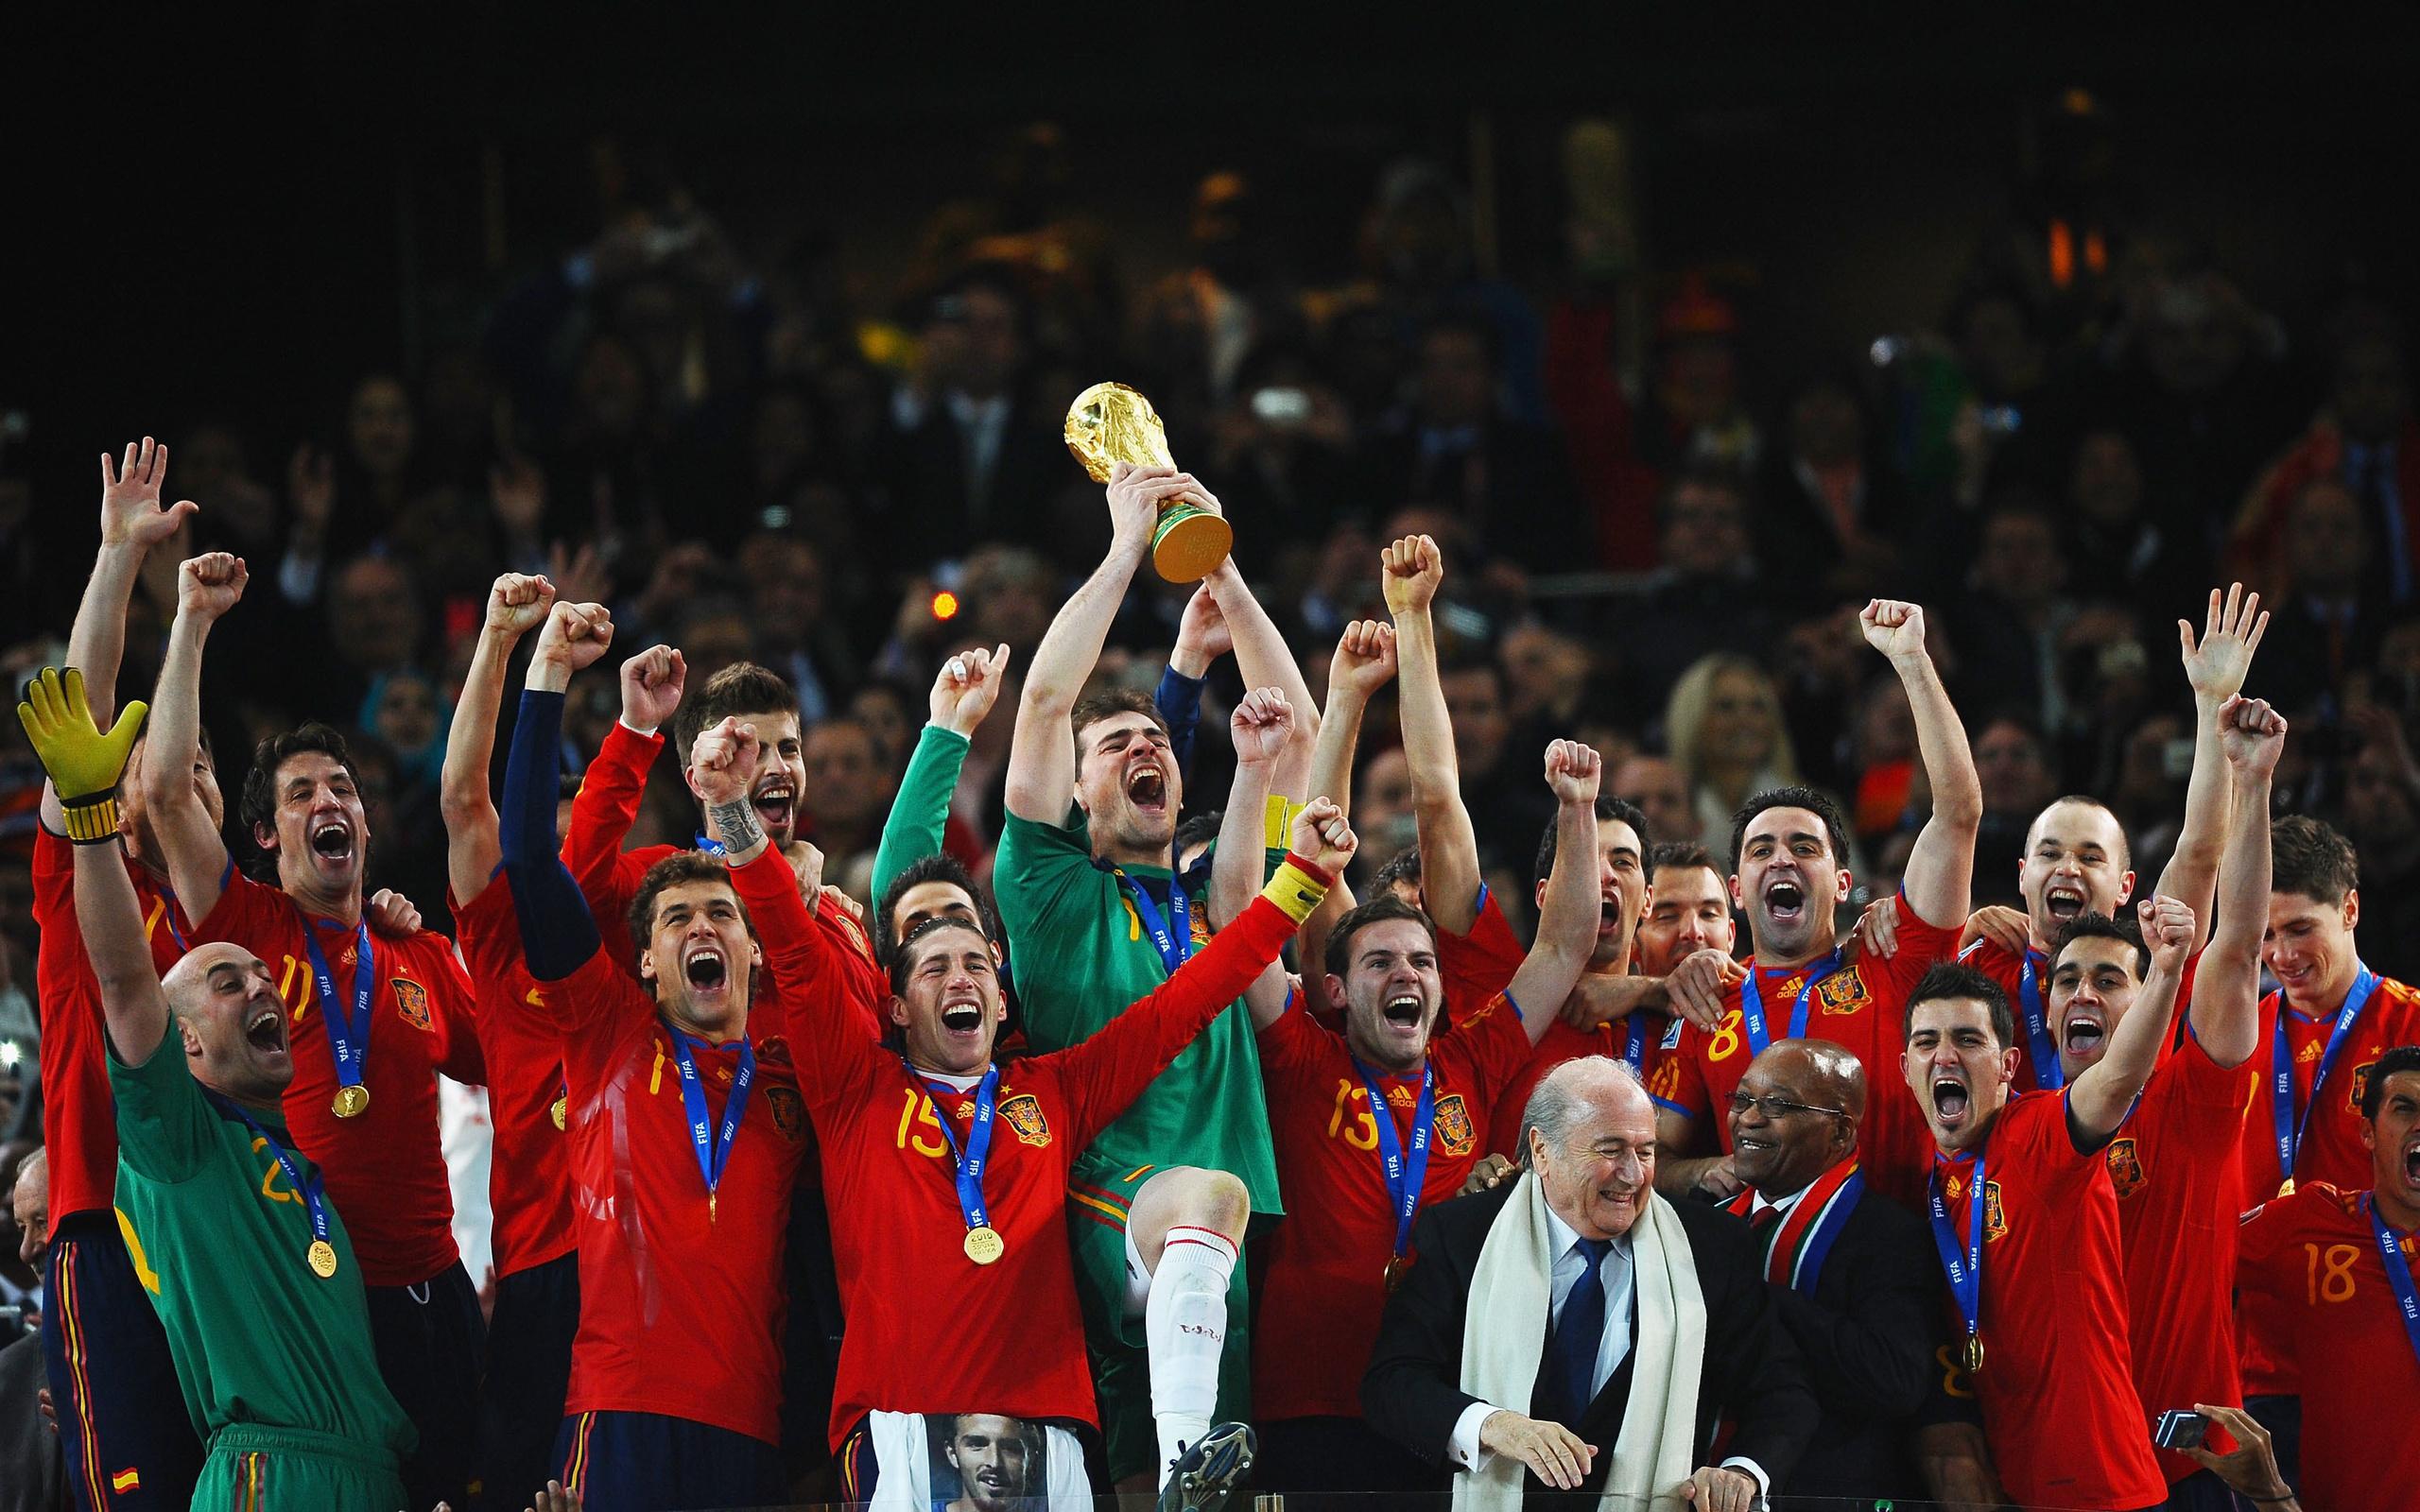 поздравление по футболу чемпионами мира посёлке ондозеро